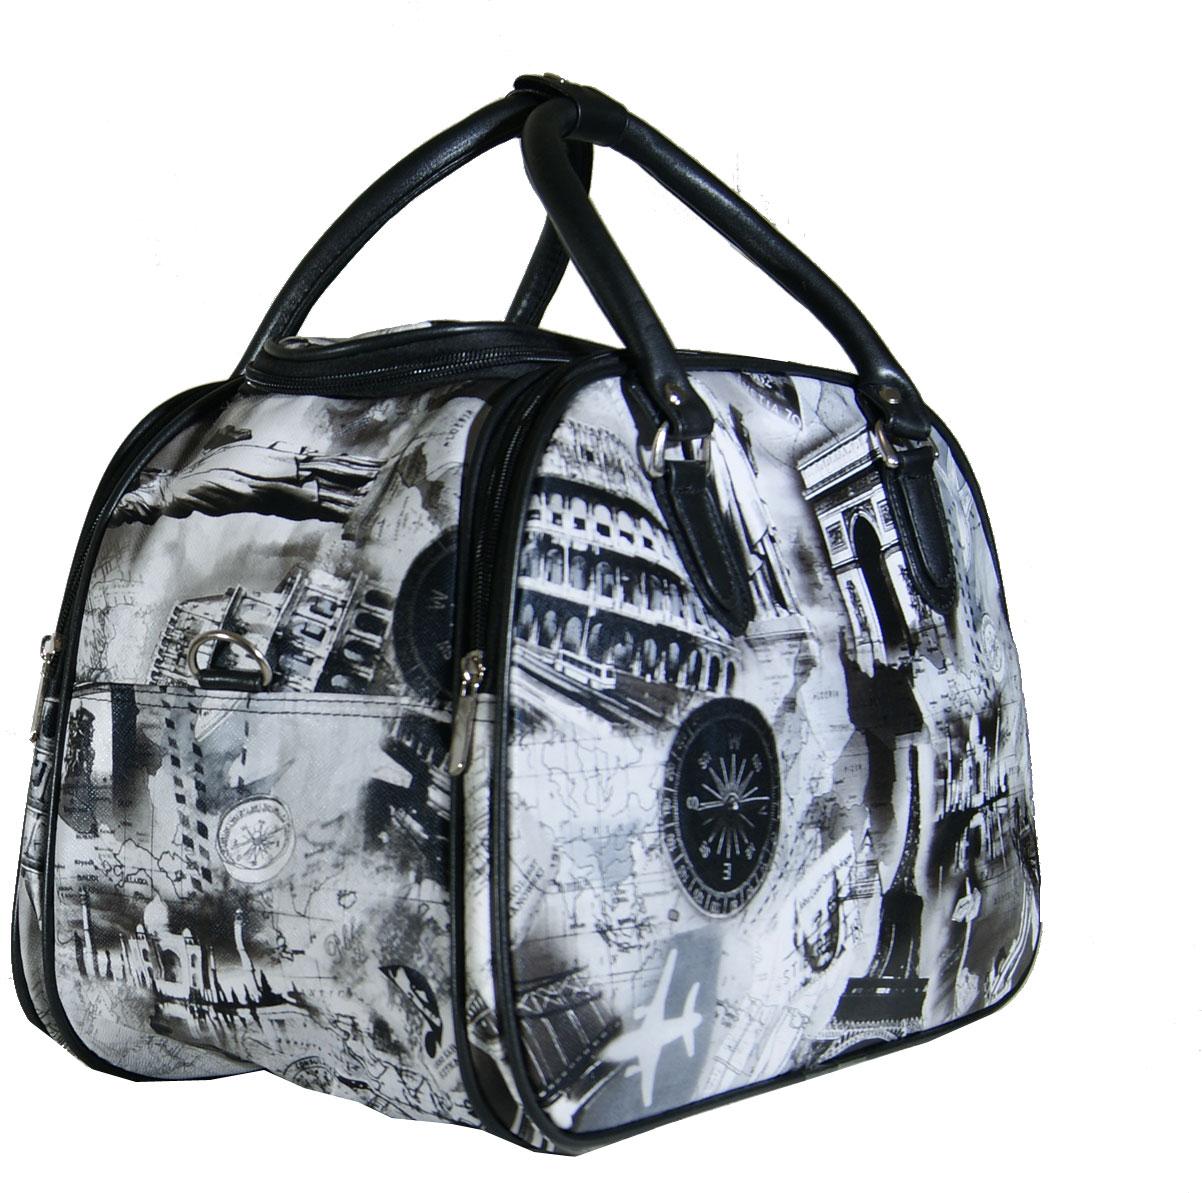 7e6a1d453f Τσάντα χειρός και ώμου γυναικεία Νο Ζ012 - Μαυρόασπρη PARIS (PARIS012